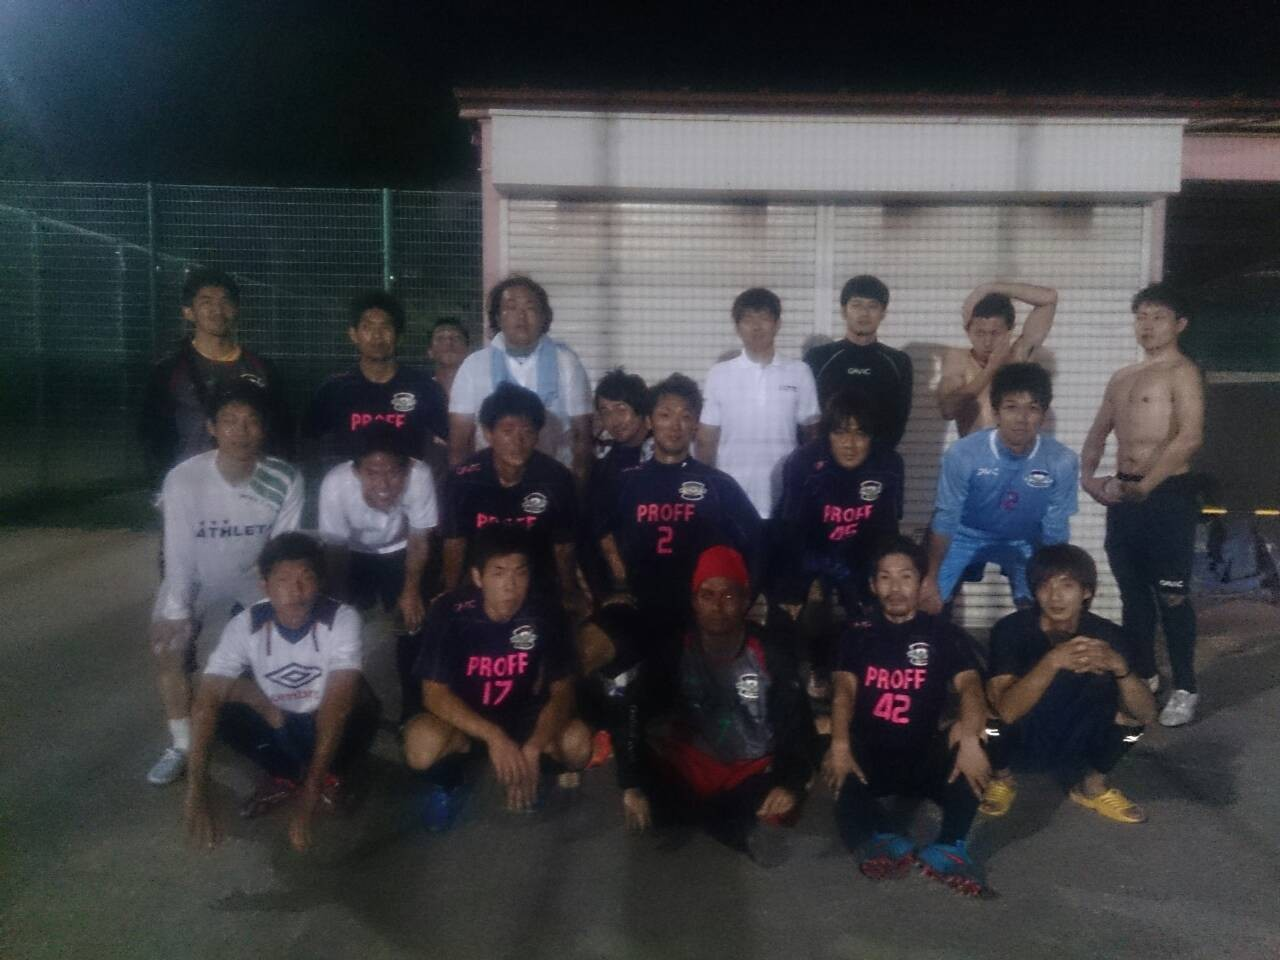 2015/6/28 服部緑地人工芝サッカー場 vs 草津FCテルフィー vs リベルタFC